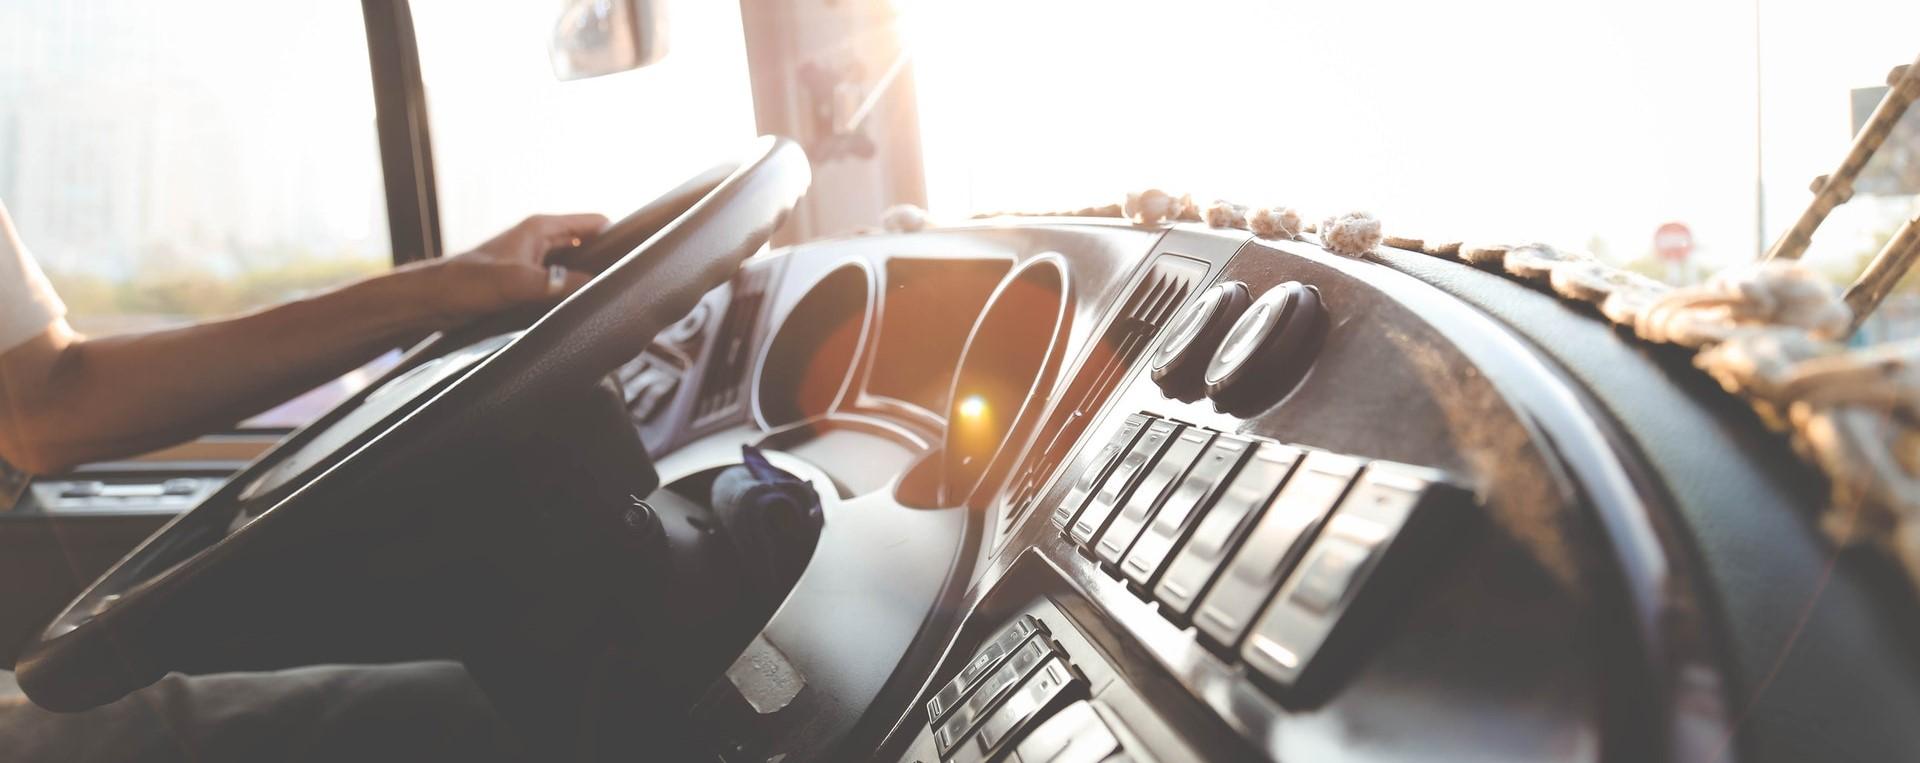 Innenansicht eines LKW-Cockpits. Das Armaturenbrett ist liebevoll dekoriert.